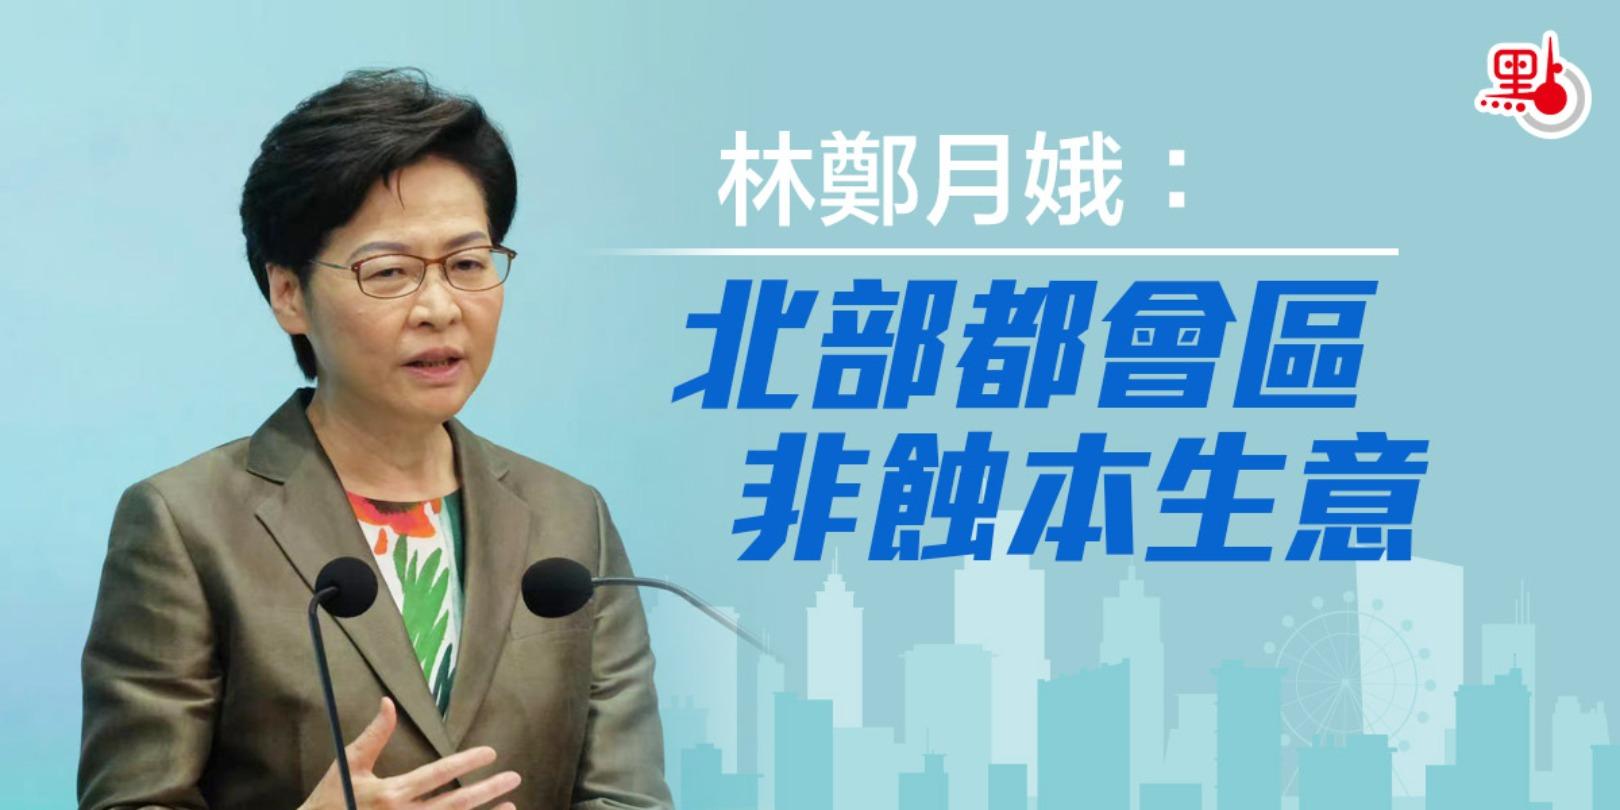 林鄭月娥:北部都會區非蝕本生意